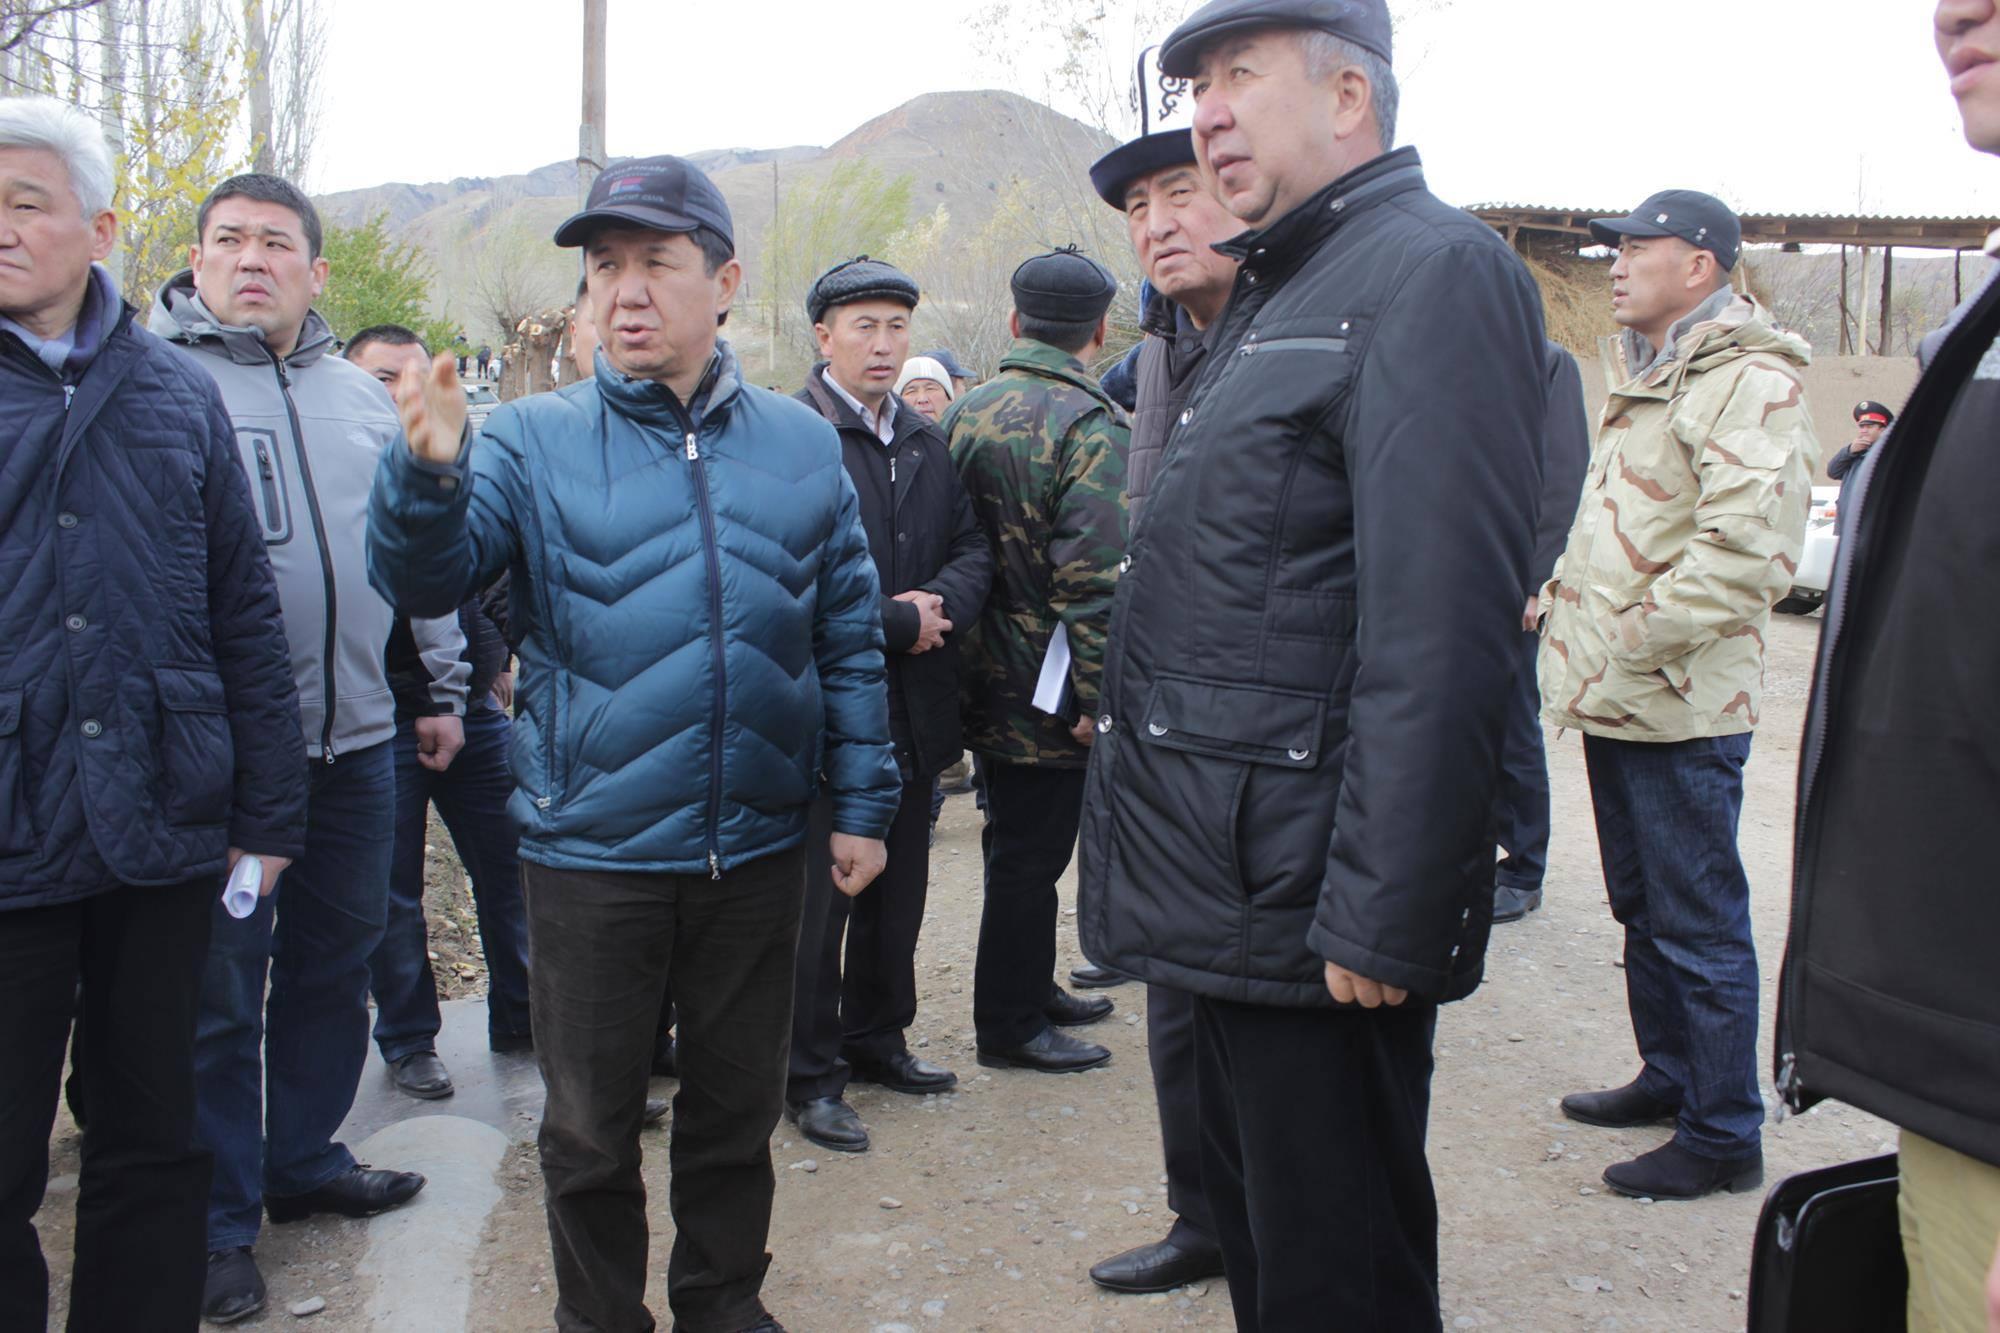 Премьер-министр Темир Сариев и министр чрезвычайных ситуаций Кубатбек Боронов посетили пострадавшие от серии землетрясений 17-18 ноября села в Ошской области.